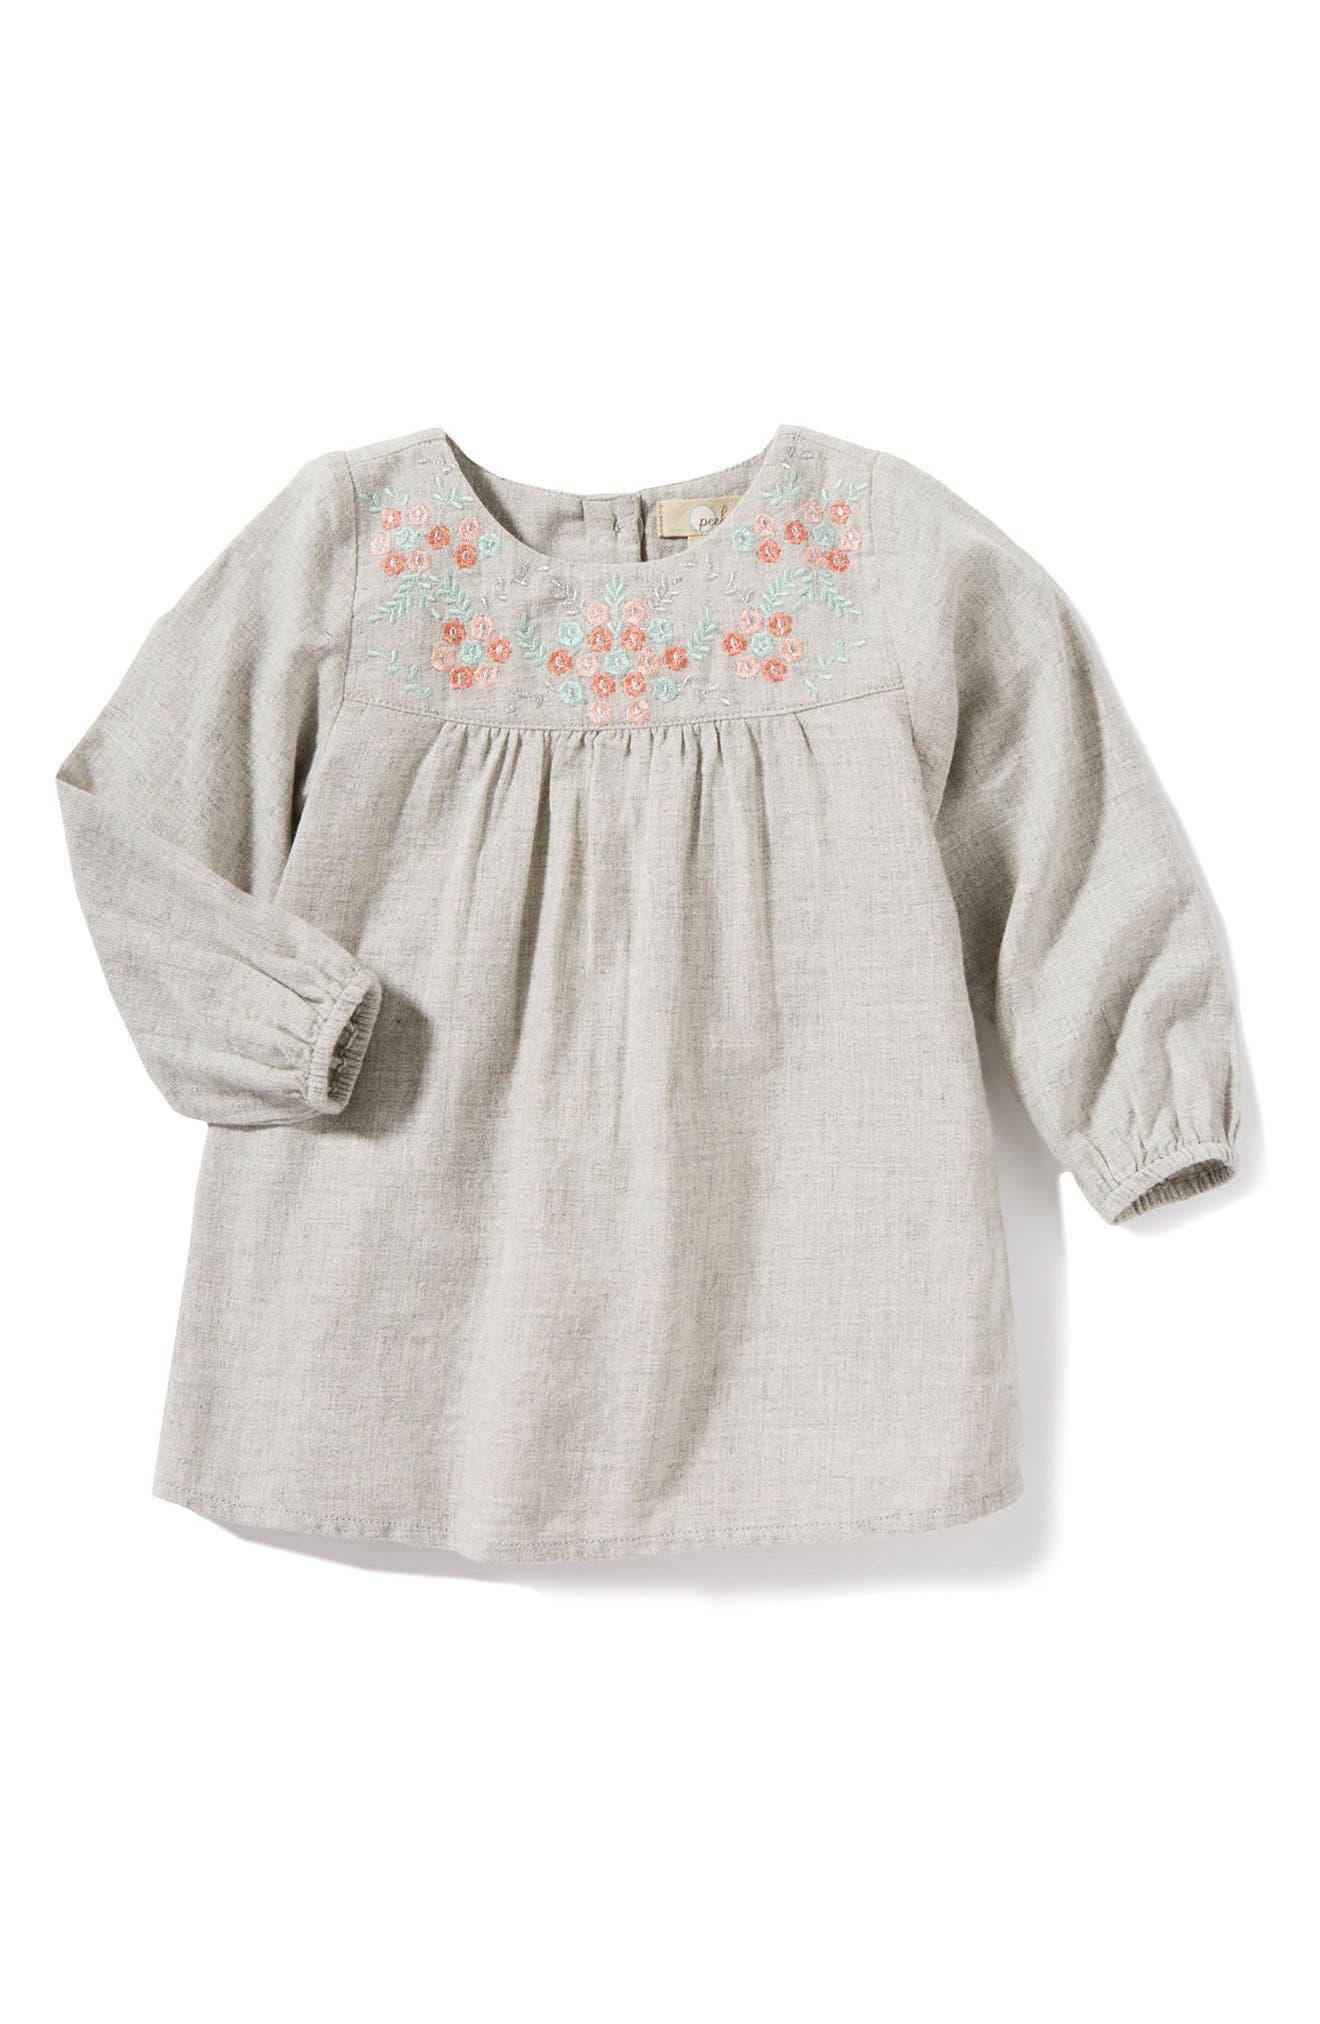 Alternate Image 1 Selected - Peek Renee Dress (Baby Girls)